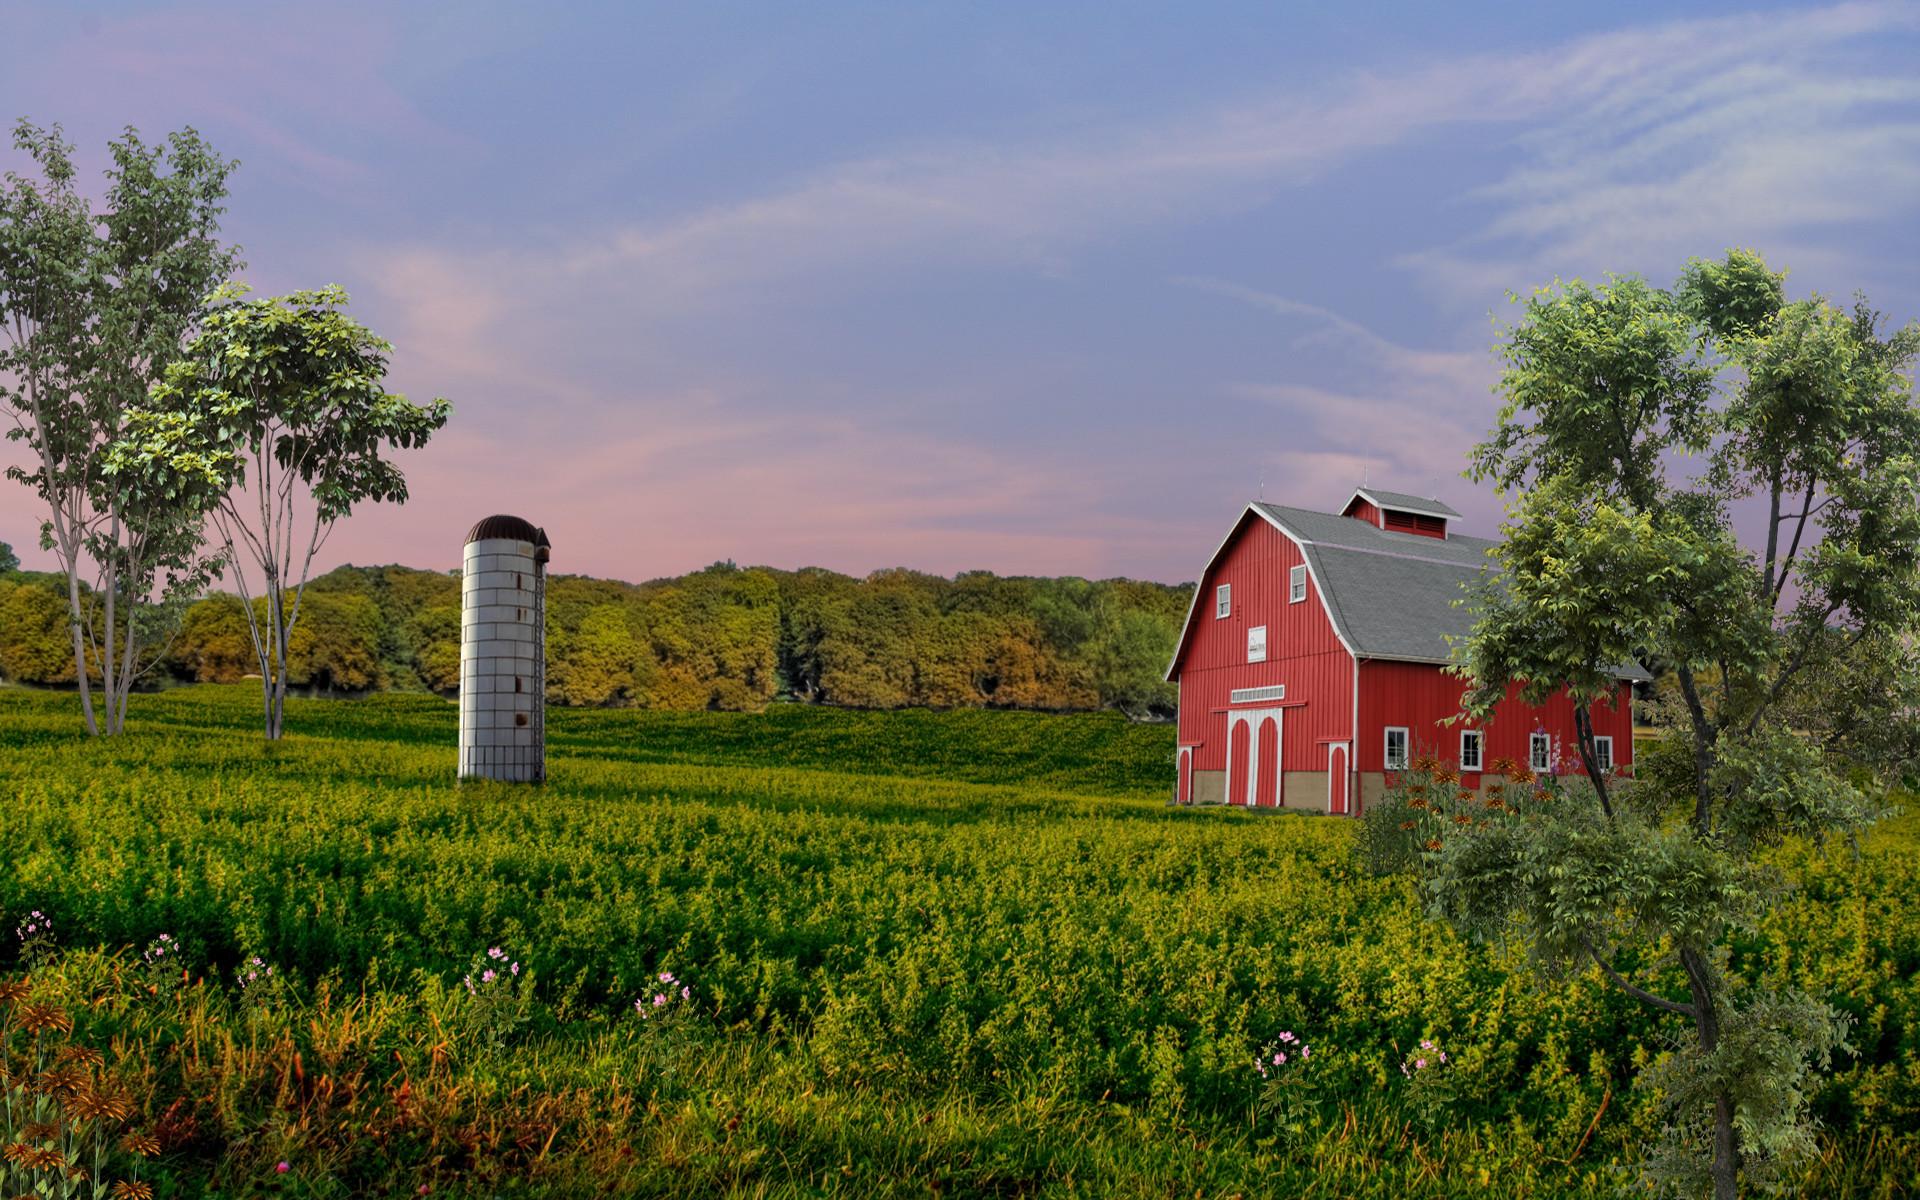 Farm Scene Wallpaper 37 Images